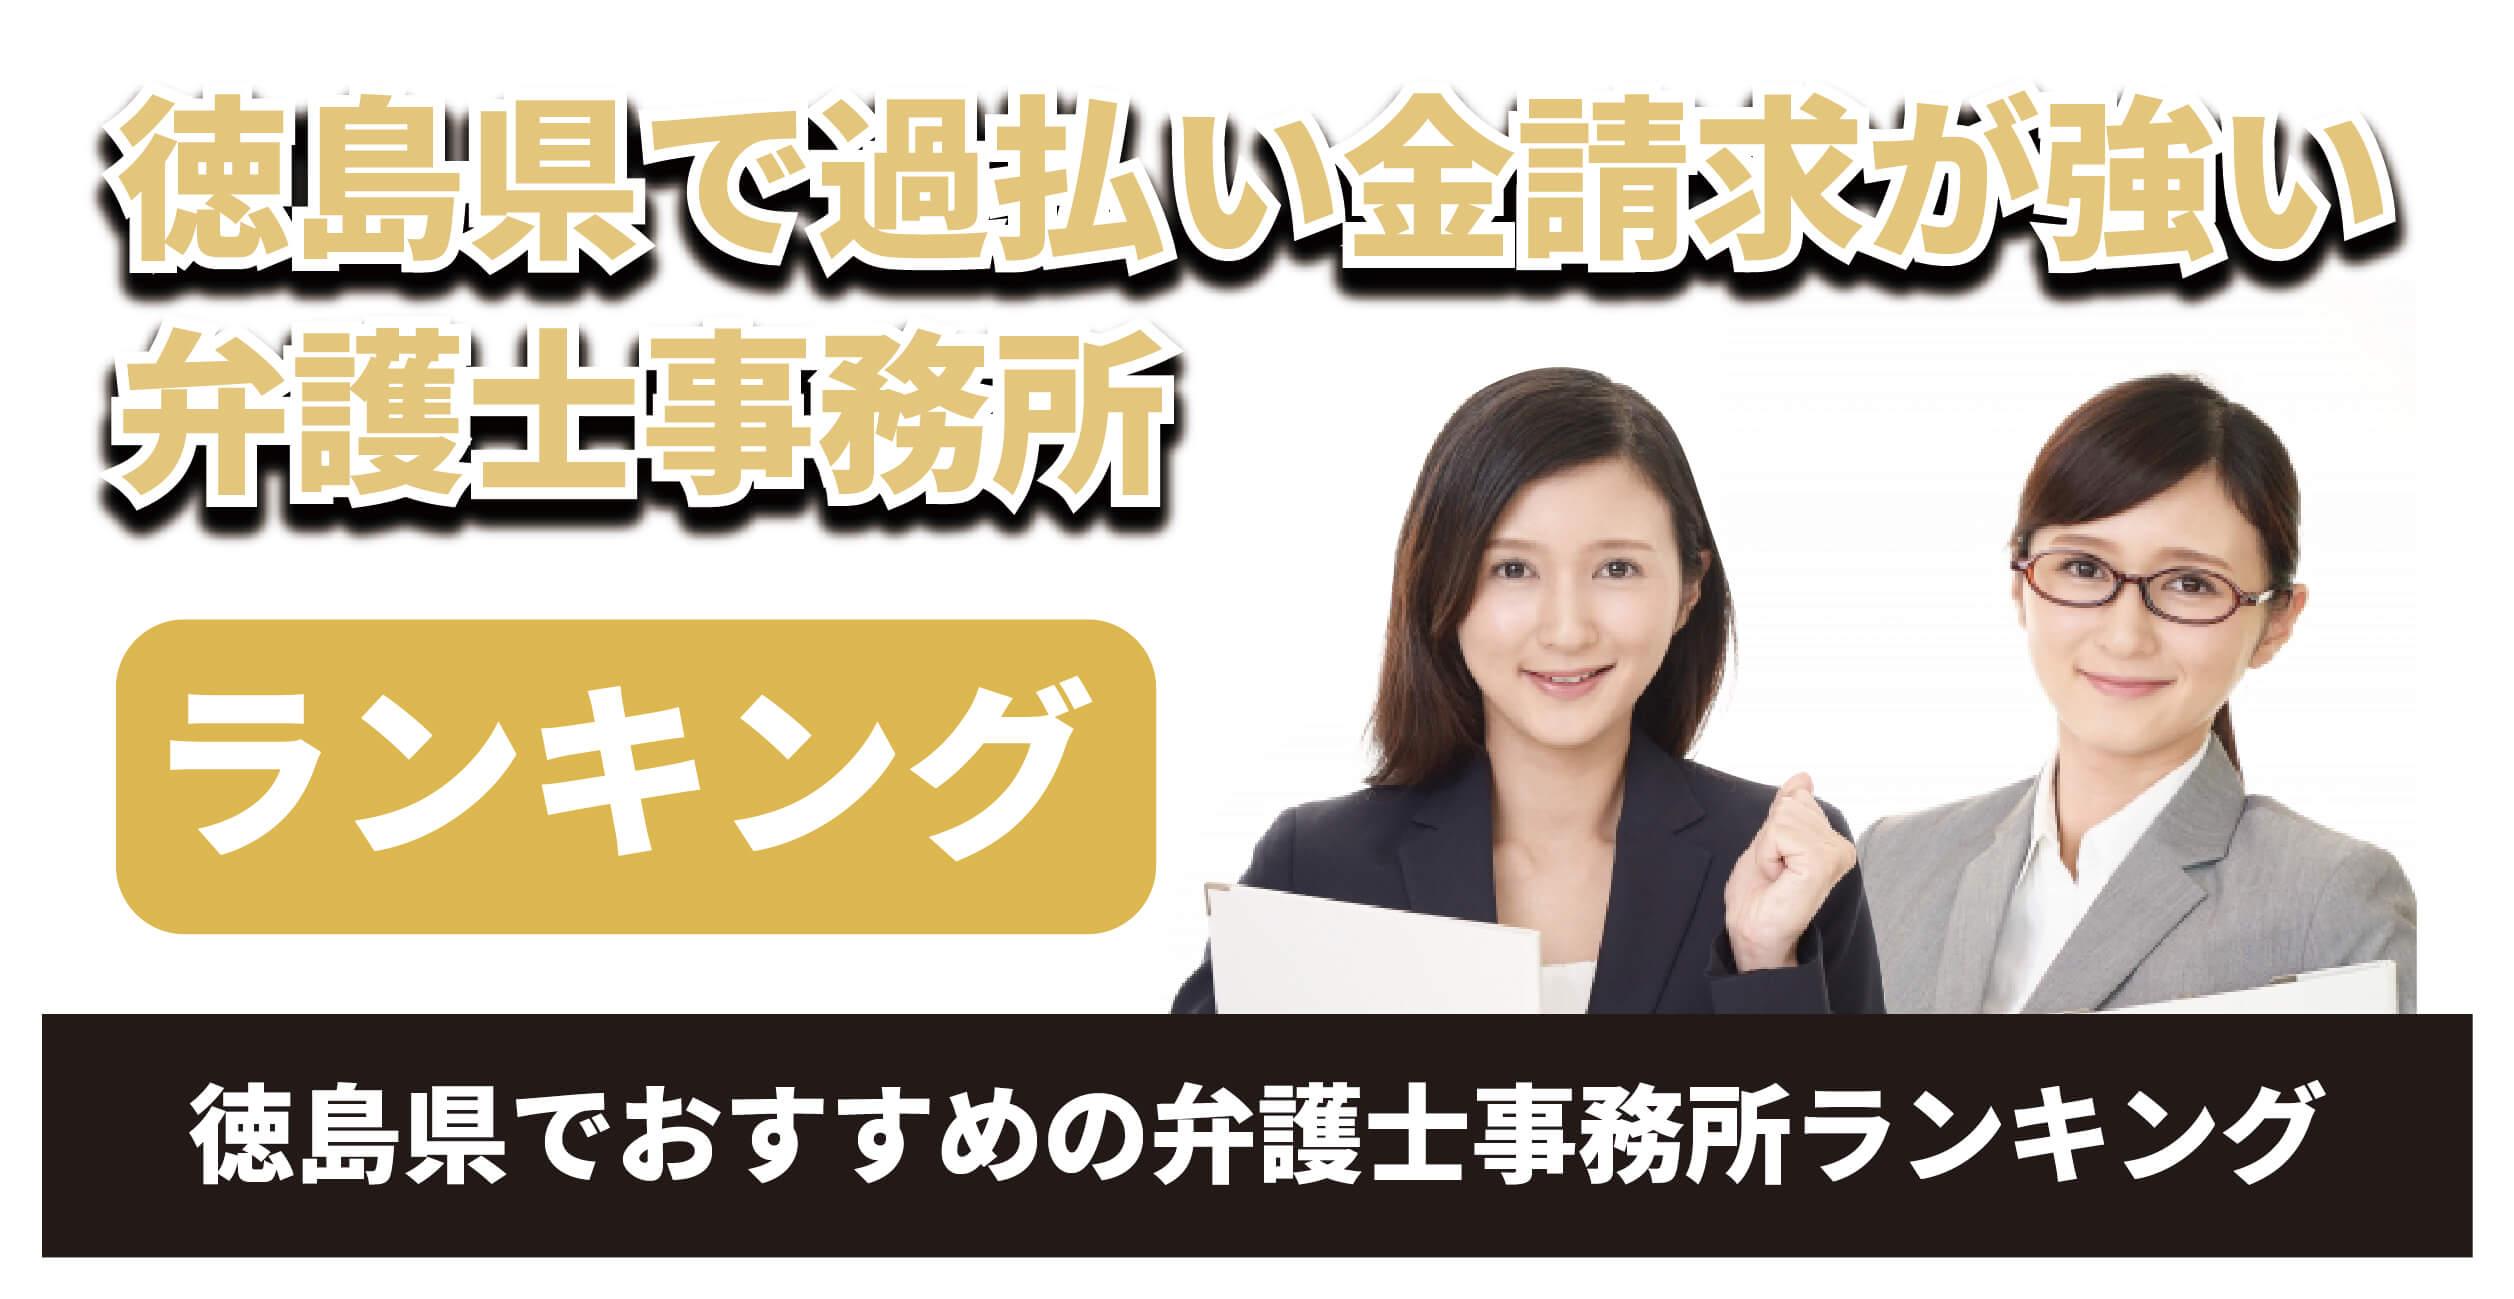 徳島県で過払い金請求が強い弁護士は?